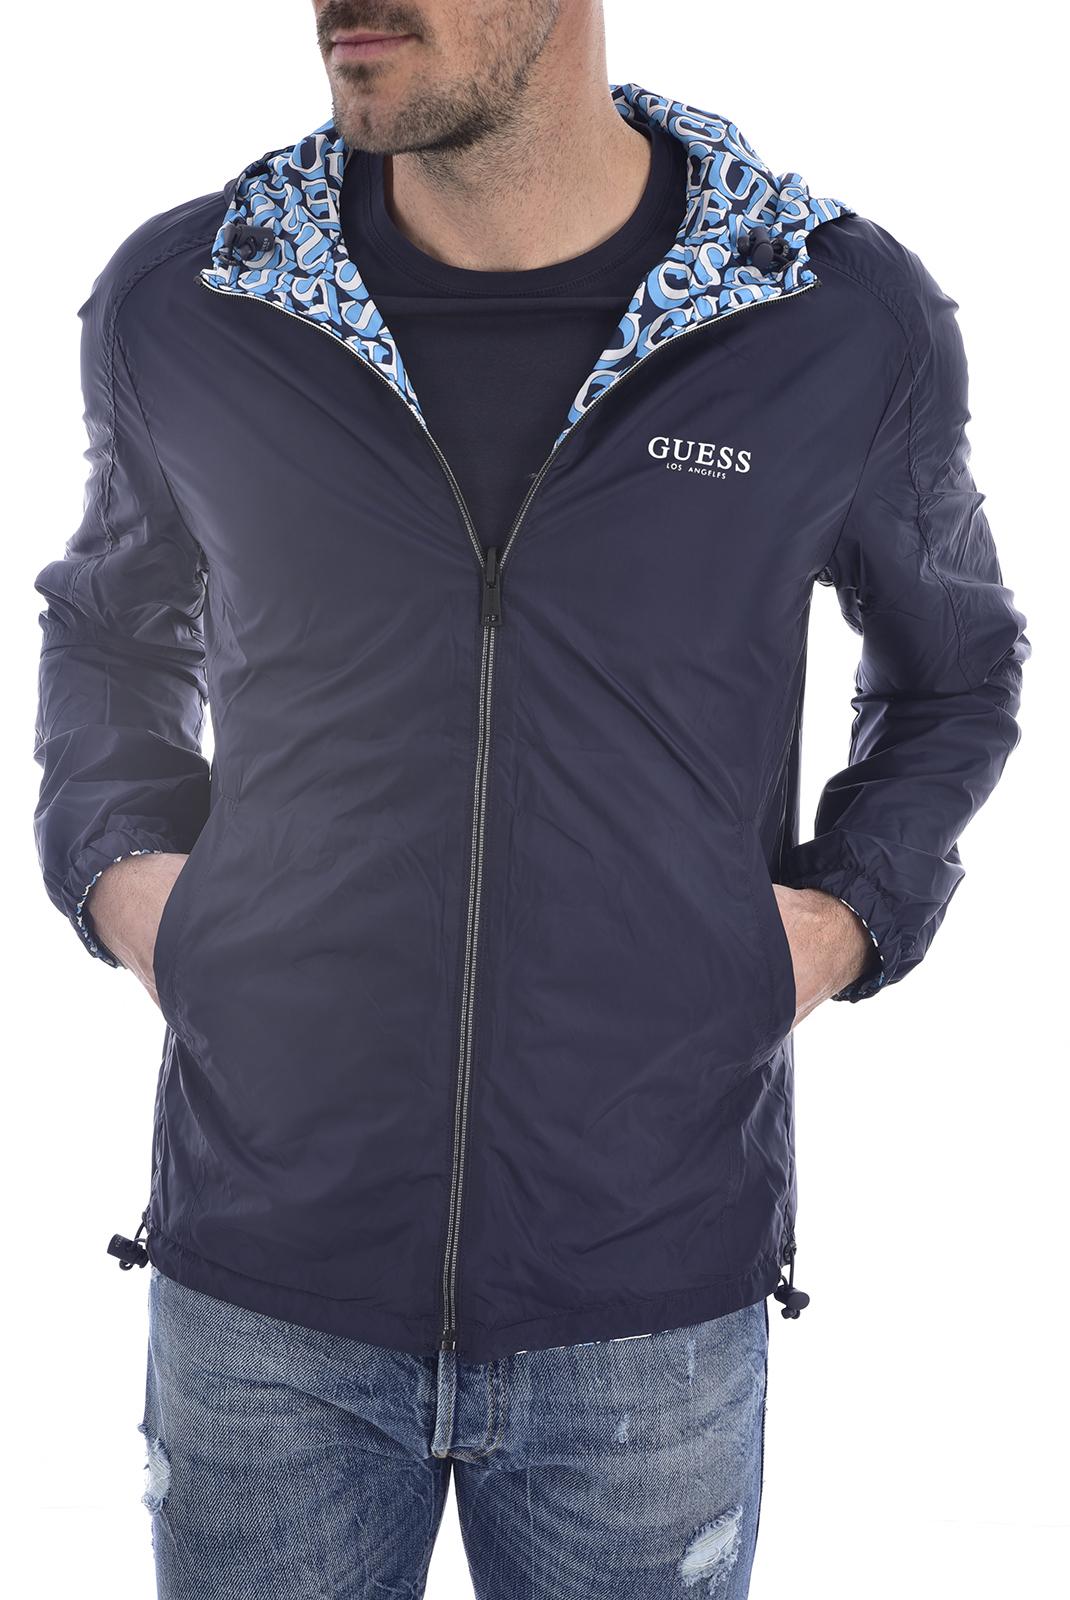 Blousons / doudounes  Guess jeans M02L42 WCQA0 REVERSIBLE JKT POL7 1000 GUESS BLUE